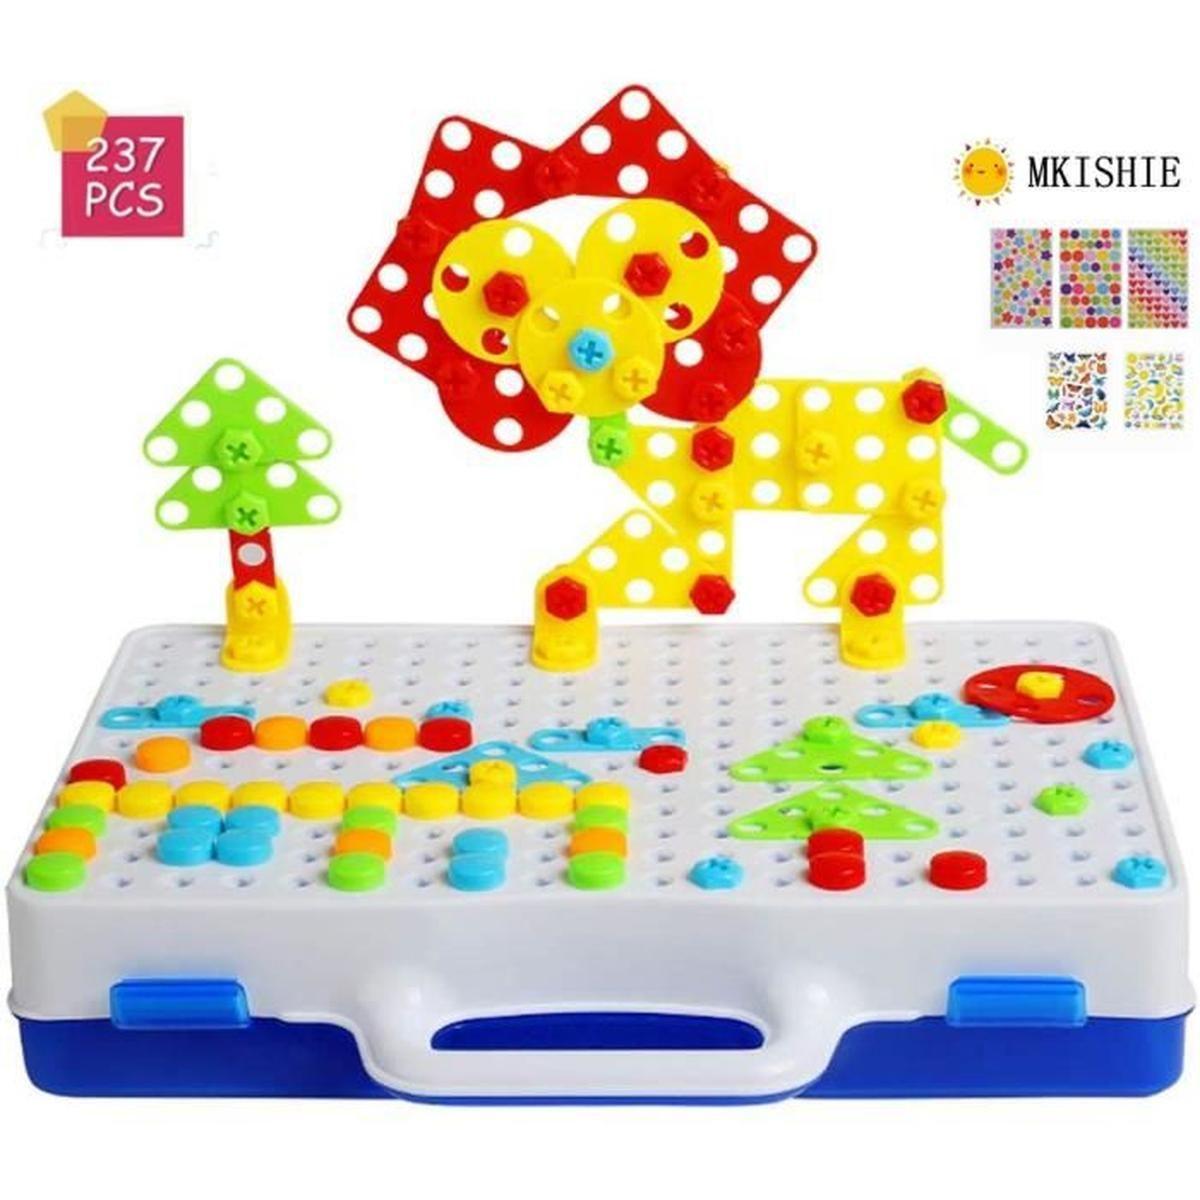 Mosaique Enfant Puzzle 3D Construction Enfant Jeu Montessori concernant Jeux Gratuit Pour Garçon 5 Ans